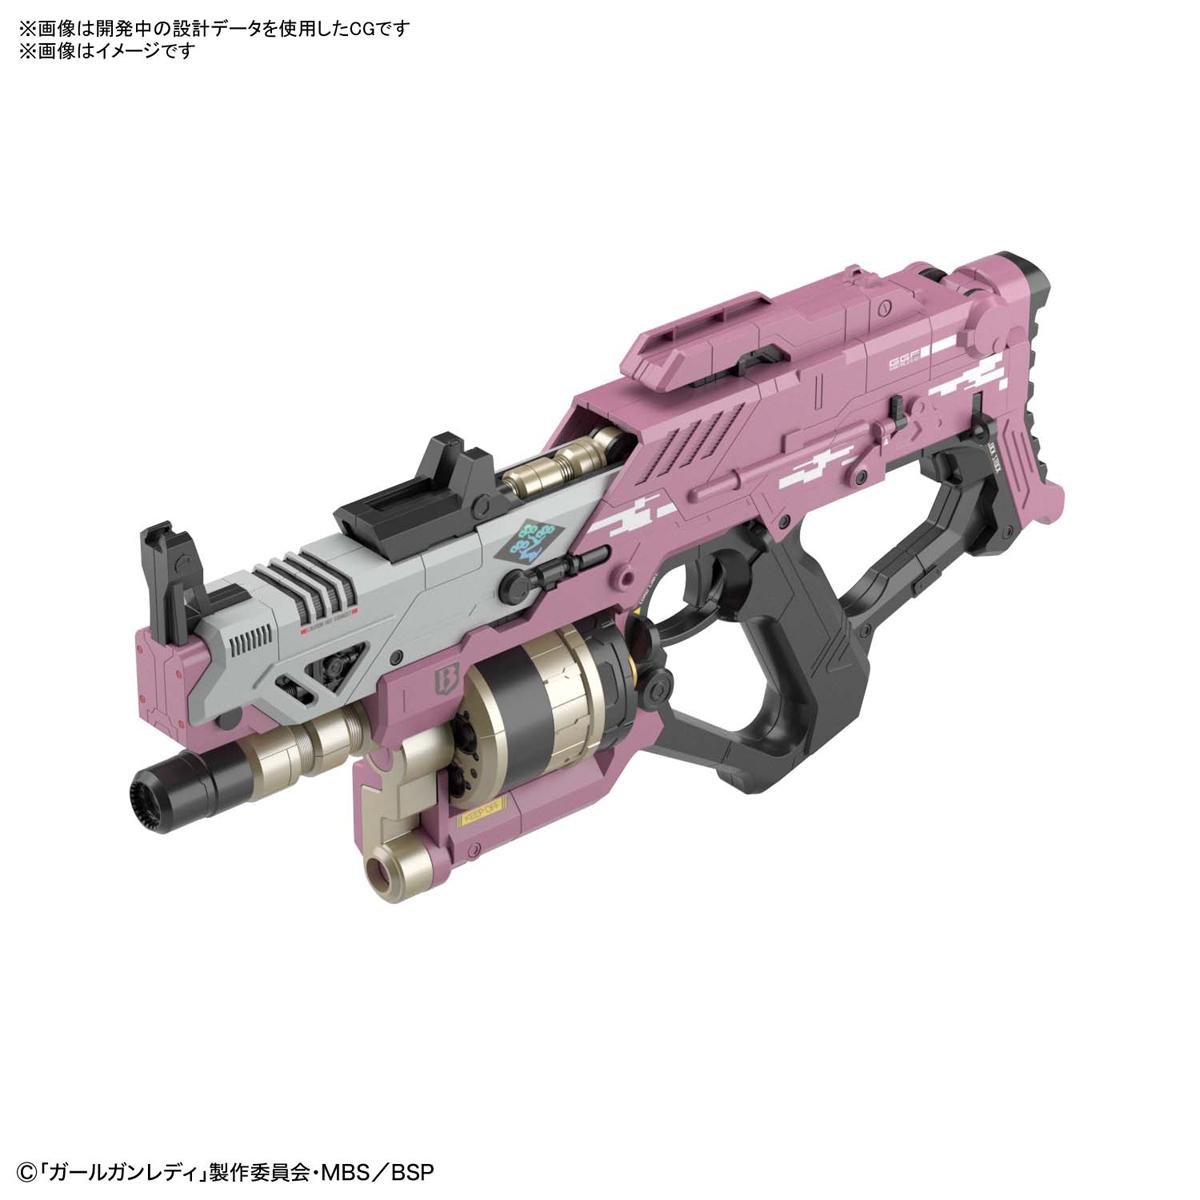 ガールガンレディ『ブラストガールガン Ver.アルファタンゴ』GGL 1/1 プラモデル-008